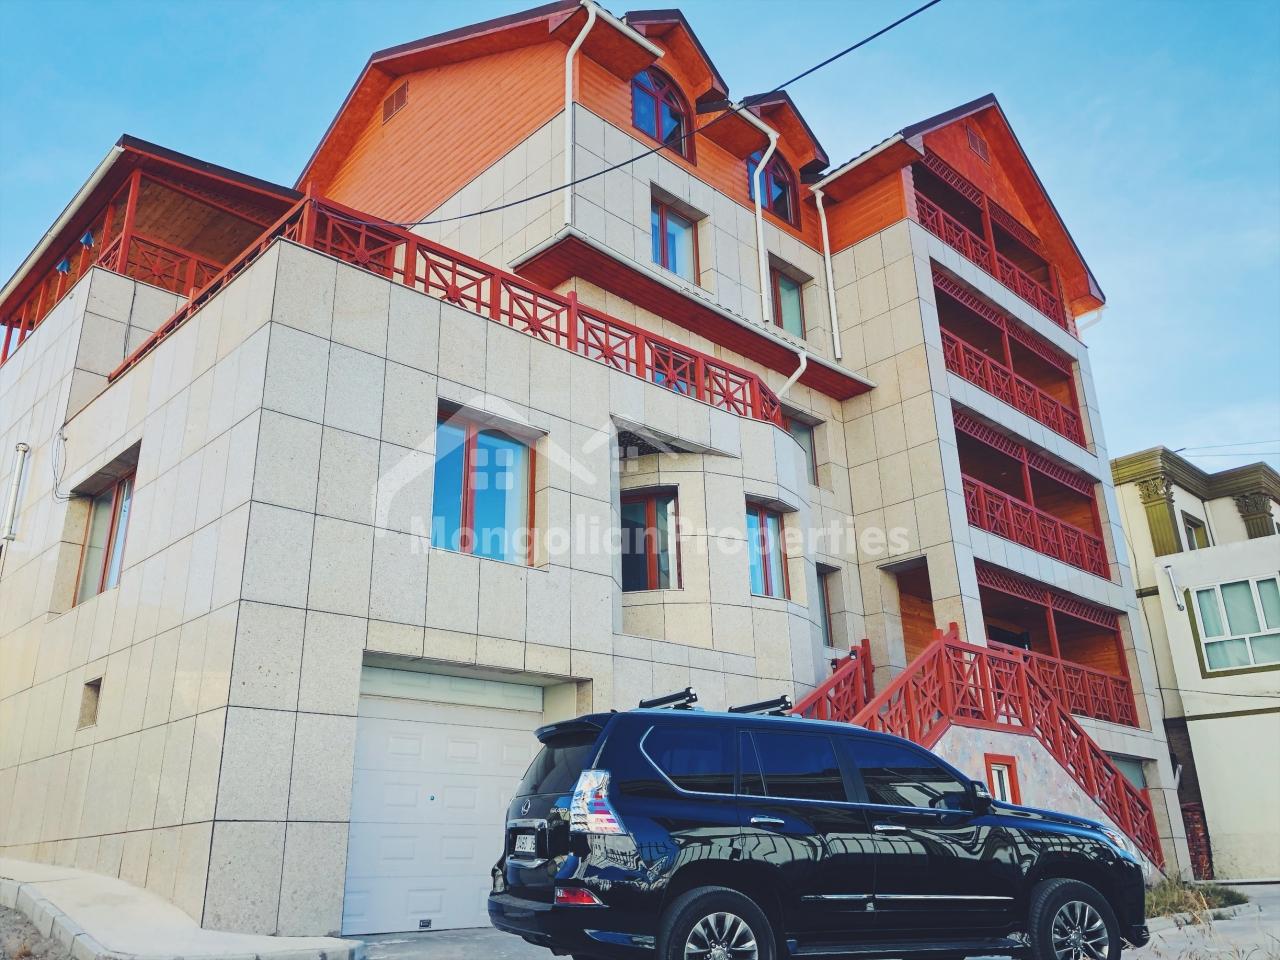 FOR SALE: Townhouse in Enkhjin / Zaisan Area